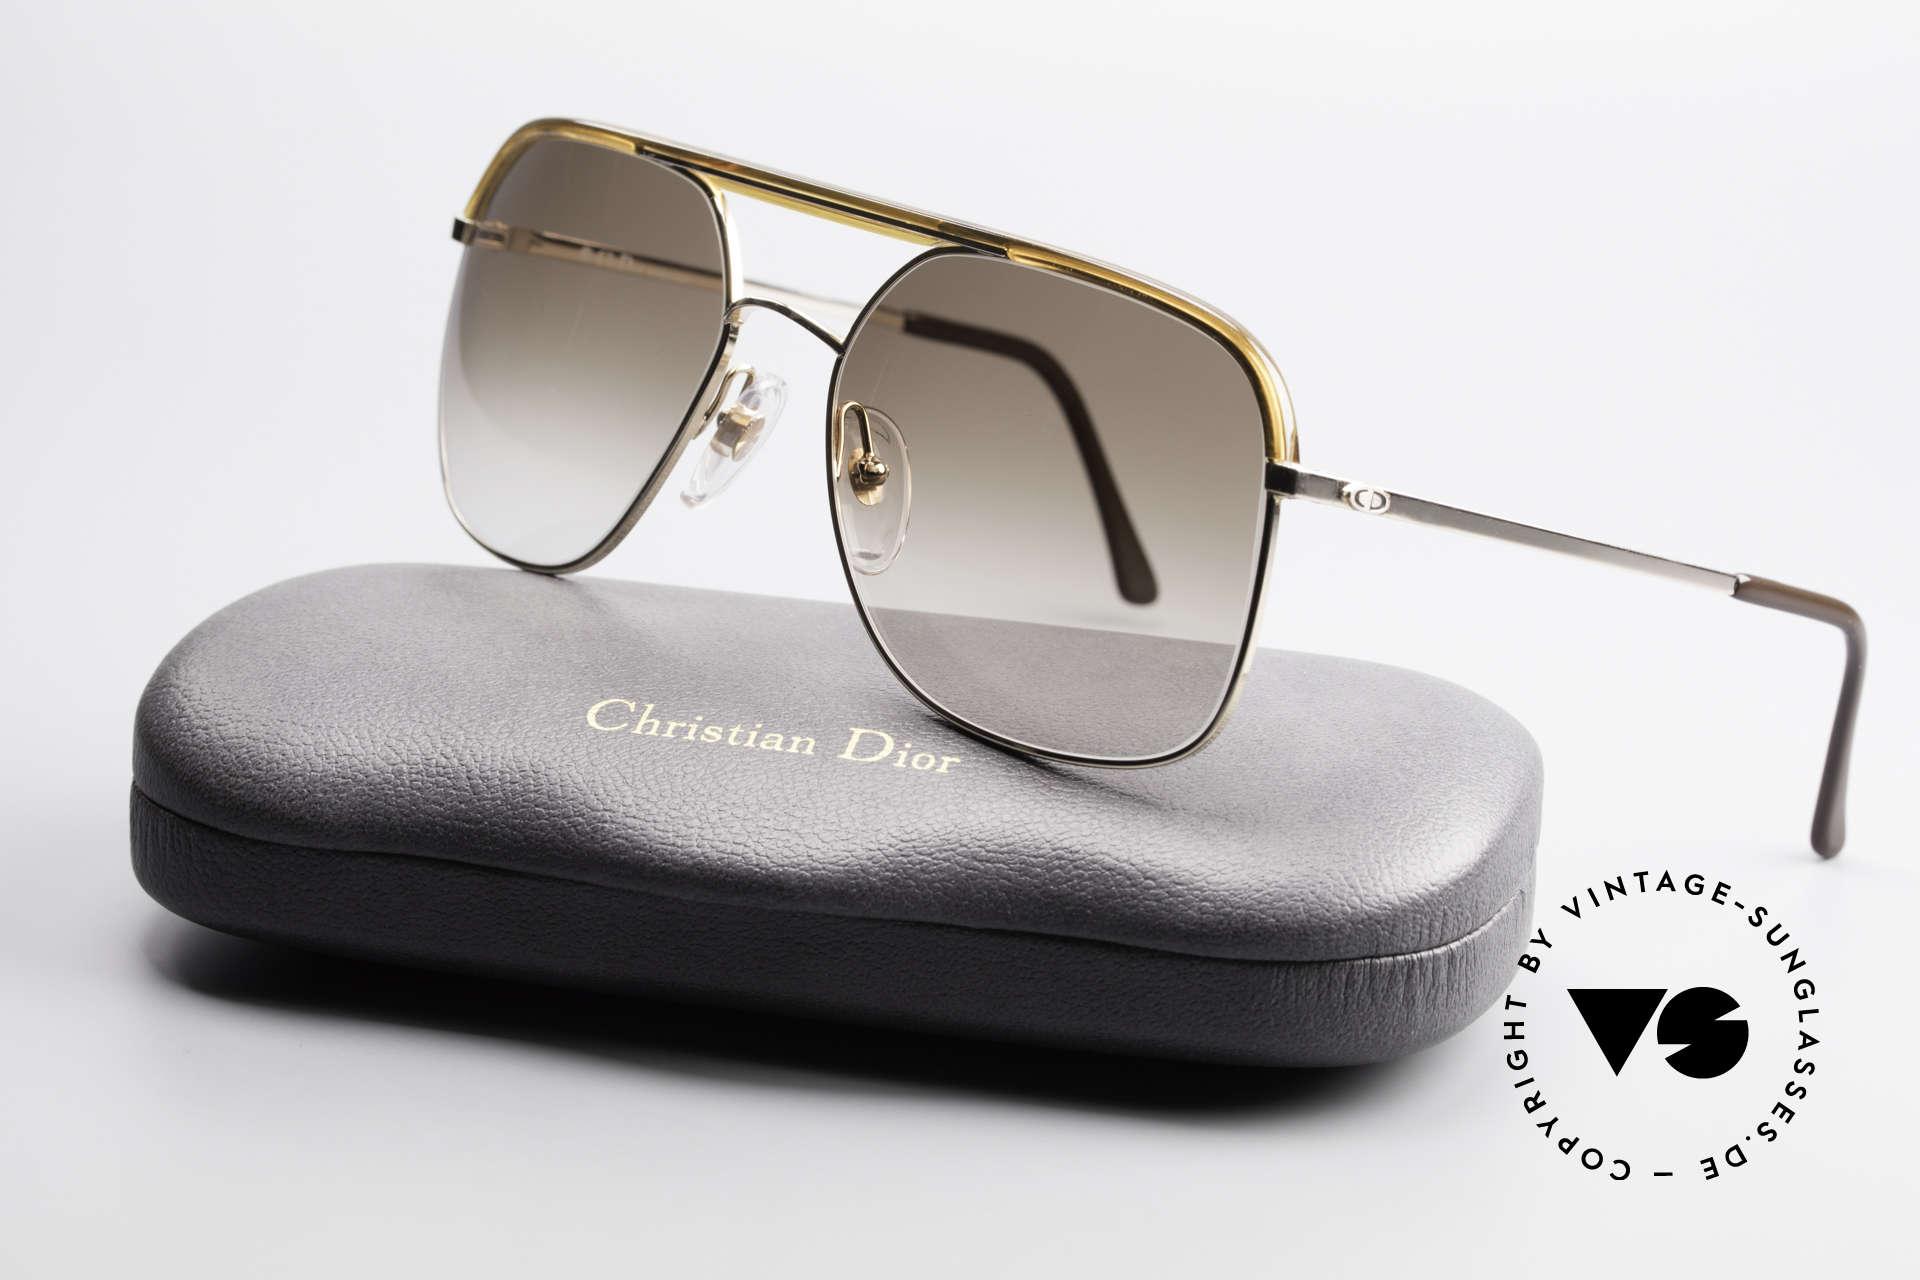 Christian Dior 2247 80er Herren Sonnenbrille, Sonnengläser (100% UV) können beliebig ersetzt werden, Passend für Herren